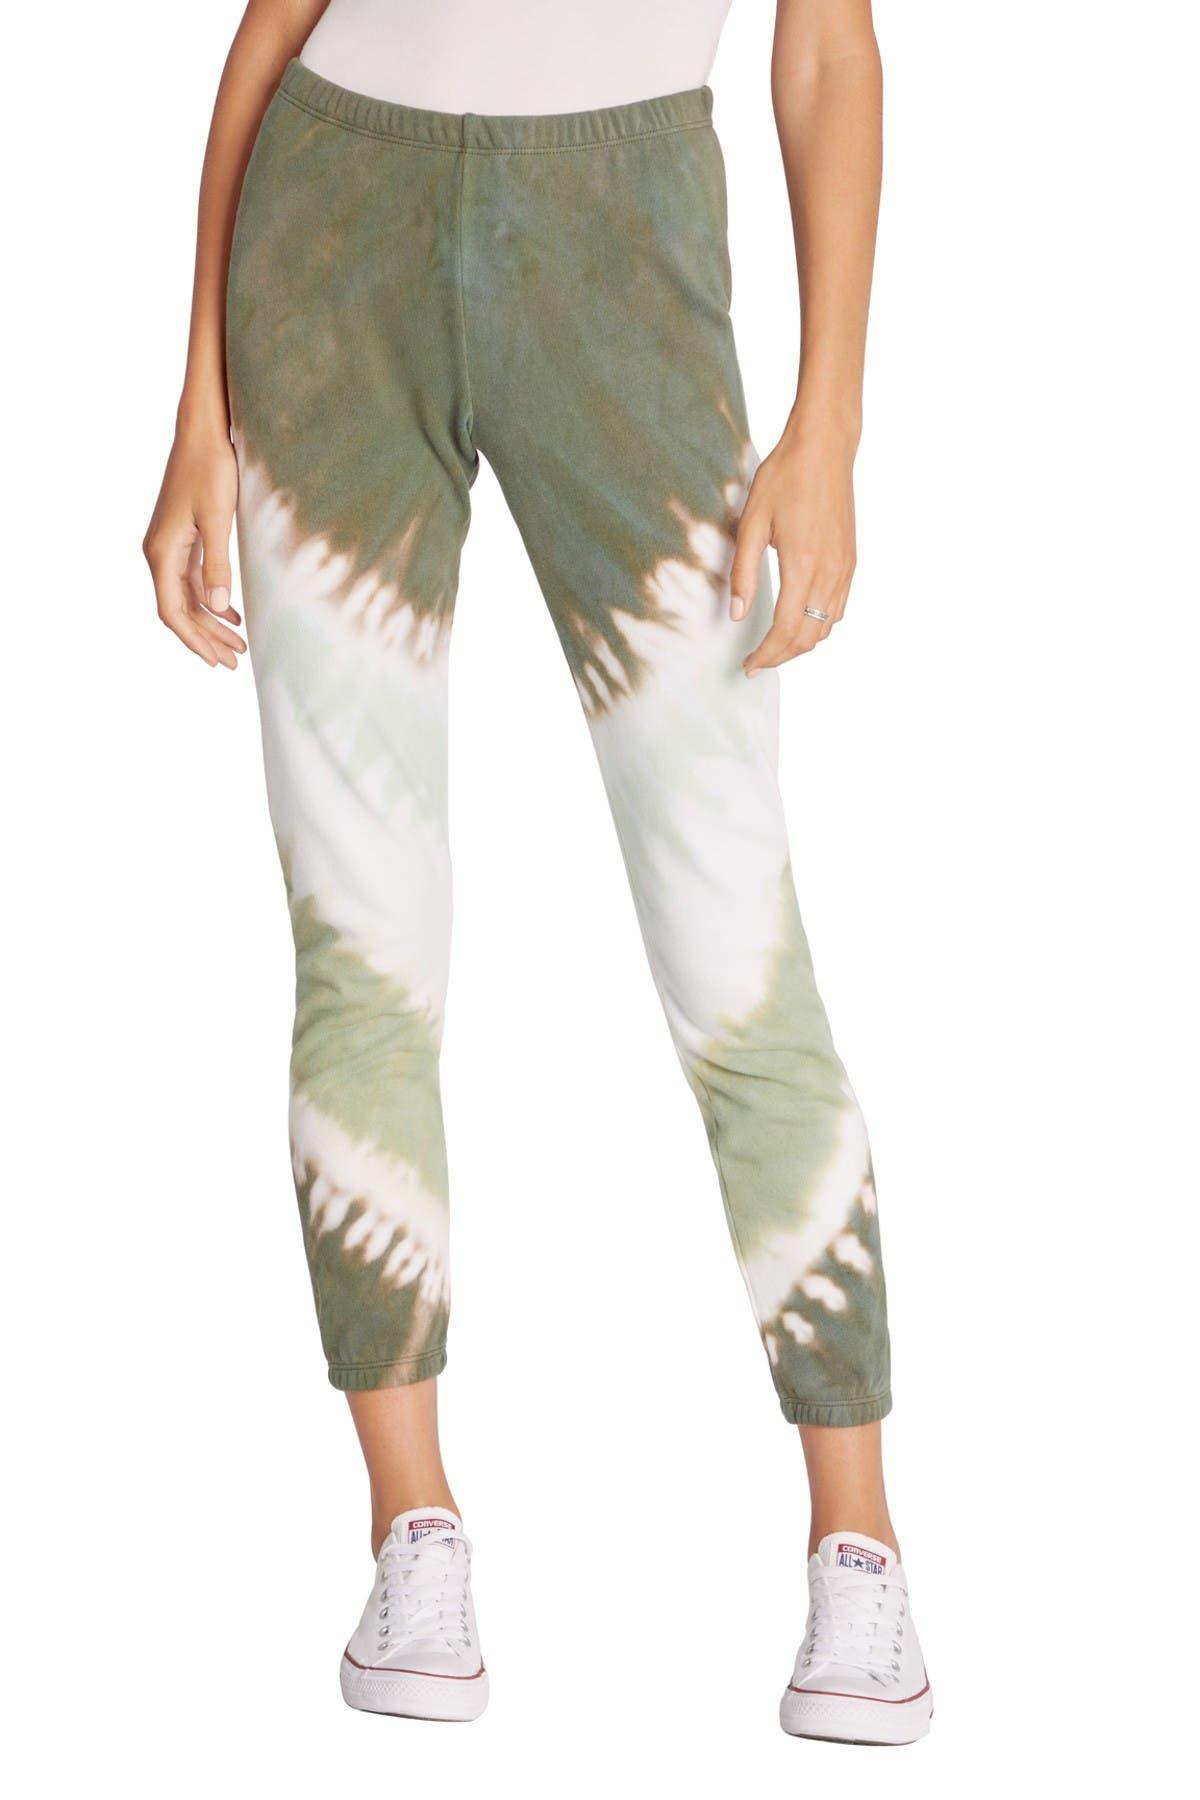 Image of WILDFOX Knox Tie Dye Pants